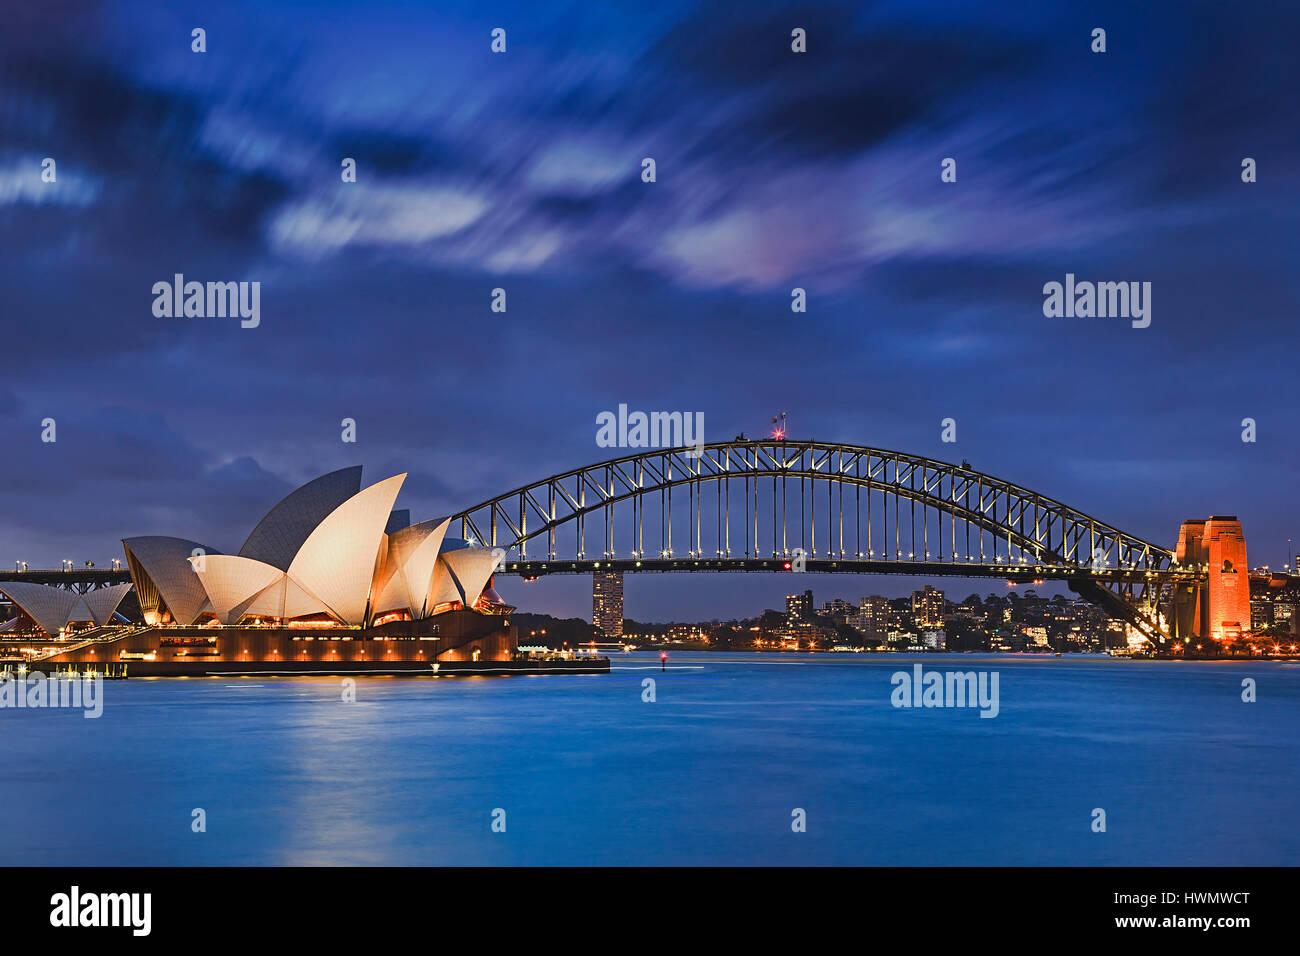 Sydney, Australien, 18. März 2017: weltweit berühmten Sydney Opera House und Harbour Bridge bei Sonnenuntergang. Stockbild